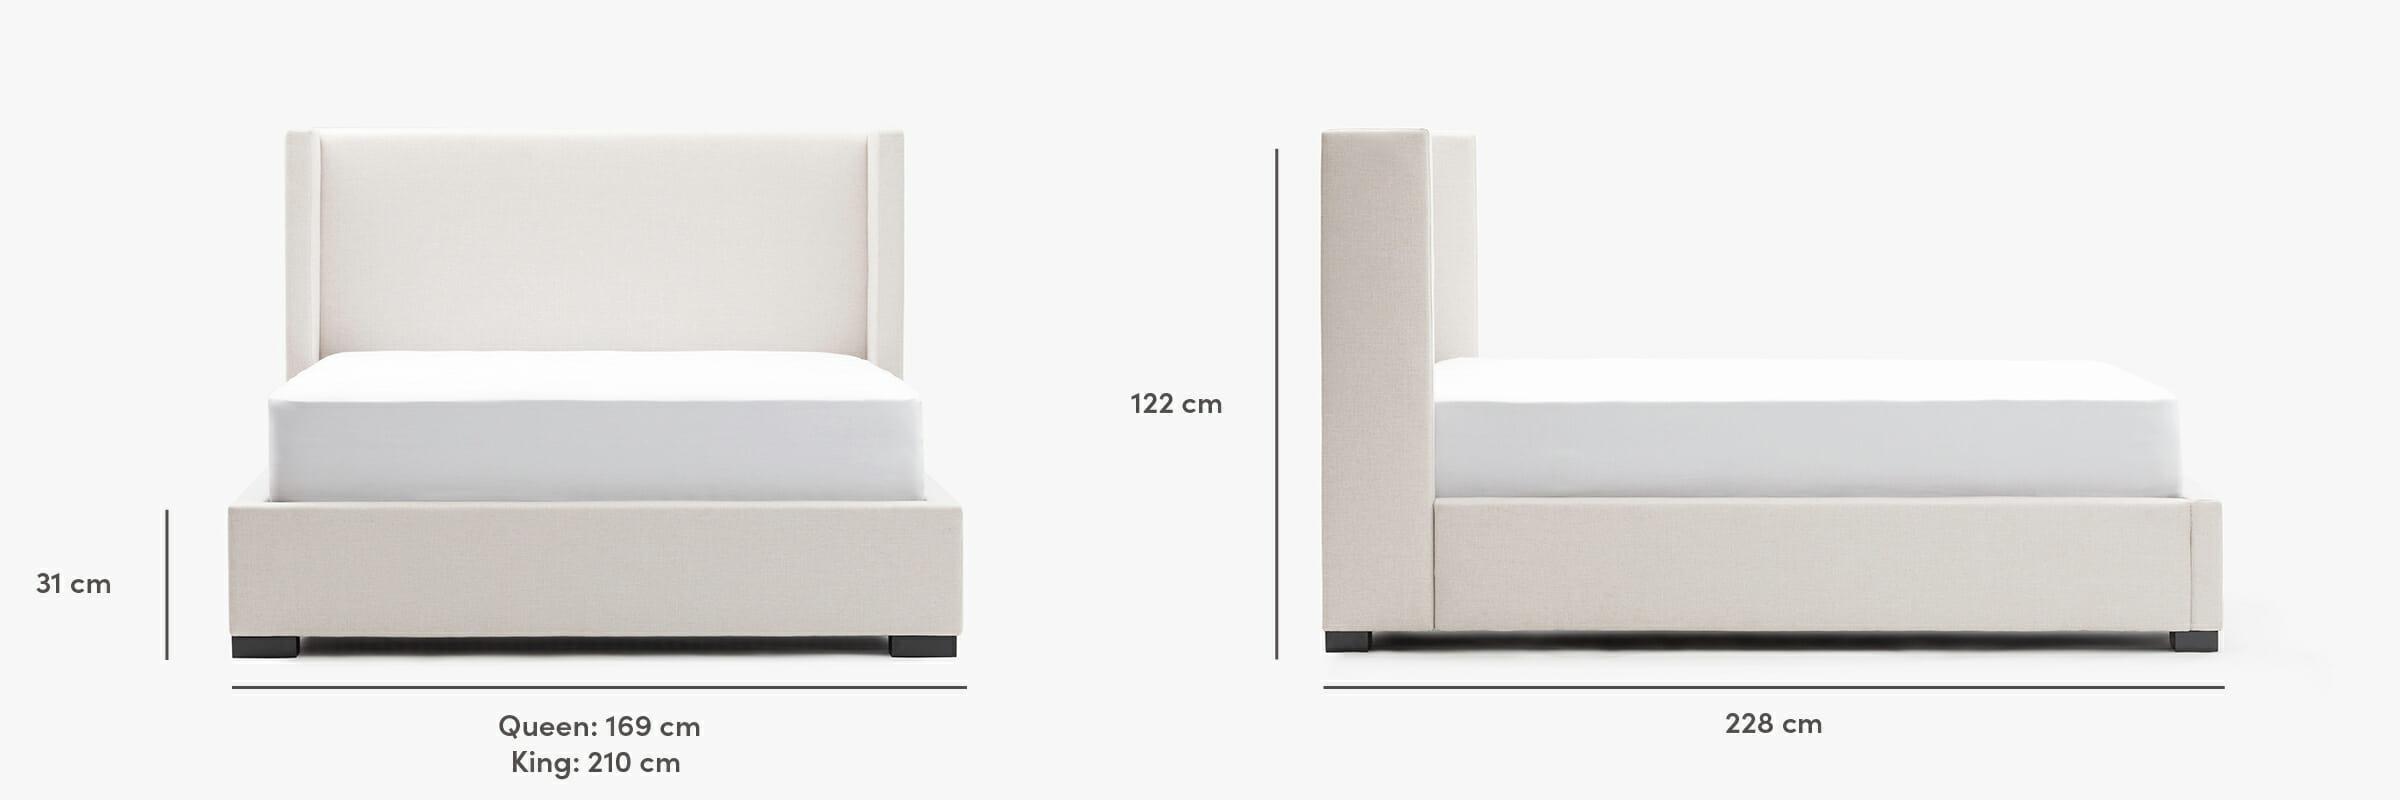 Osaka bed dimensions